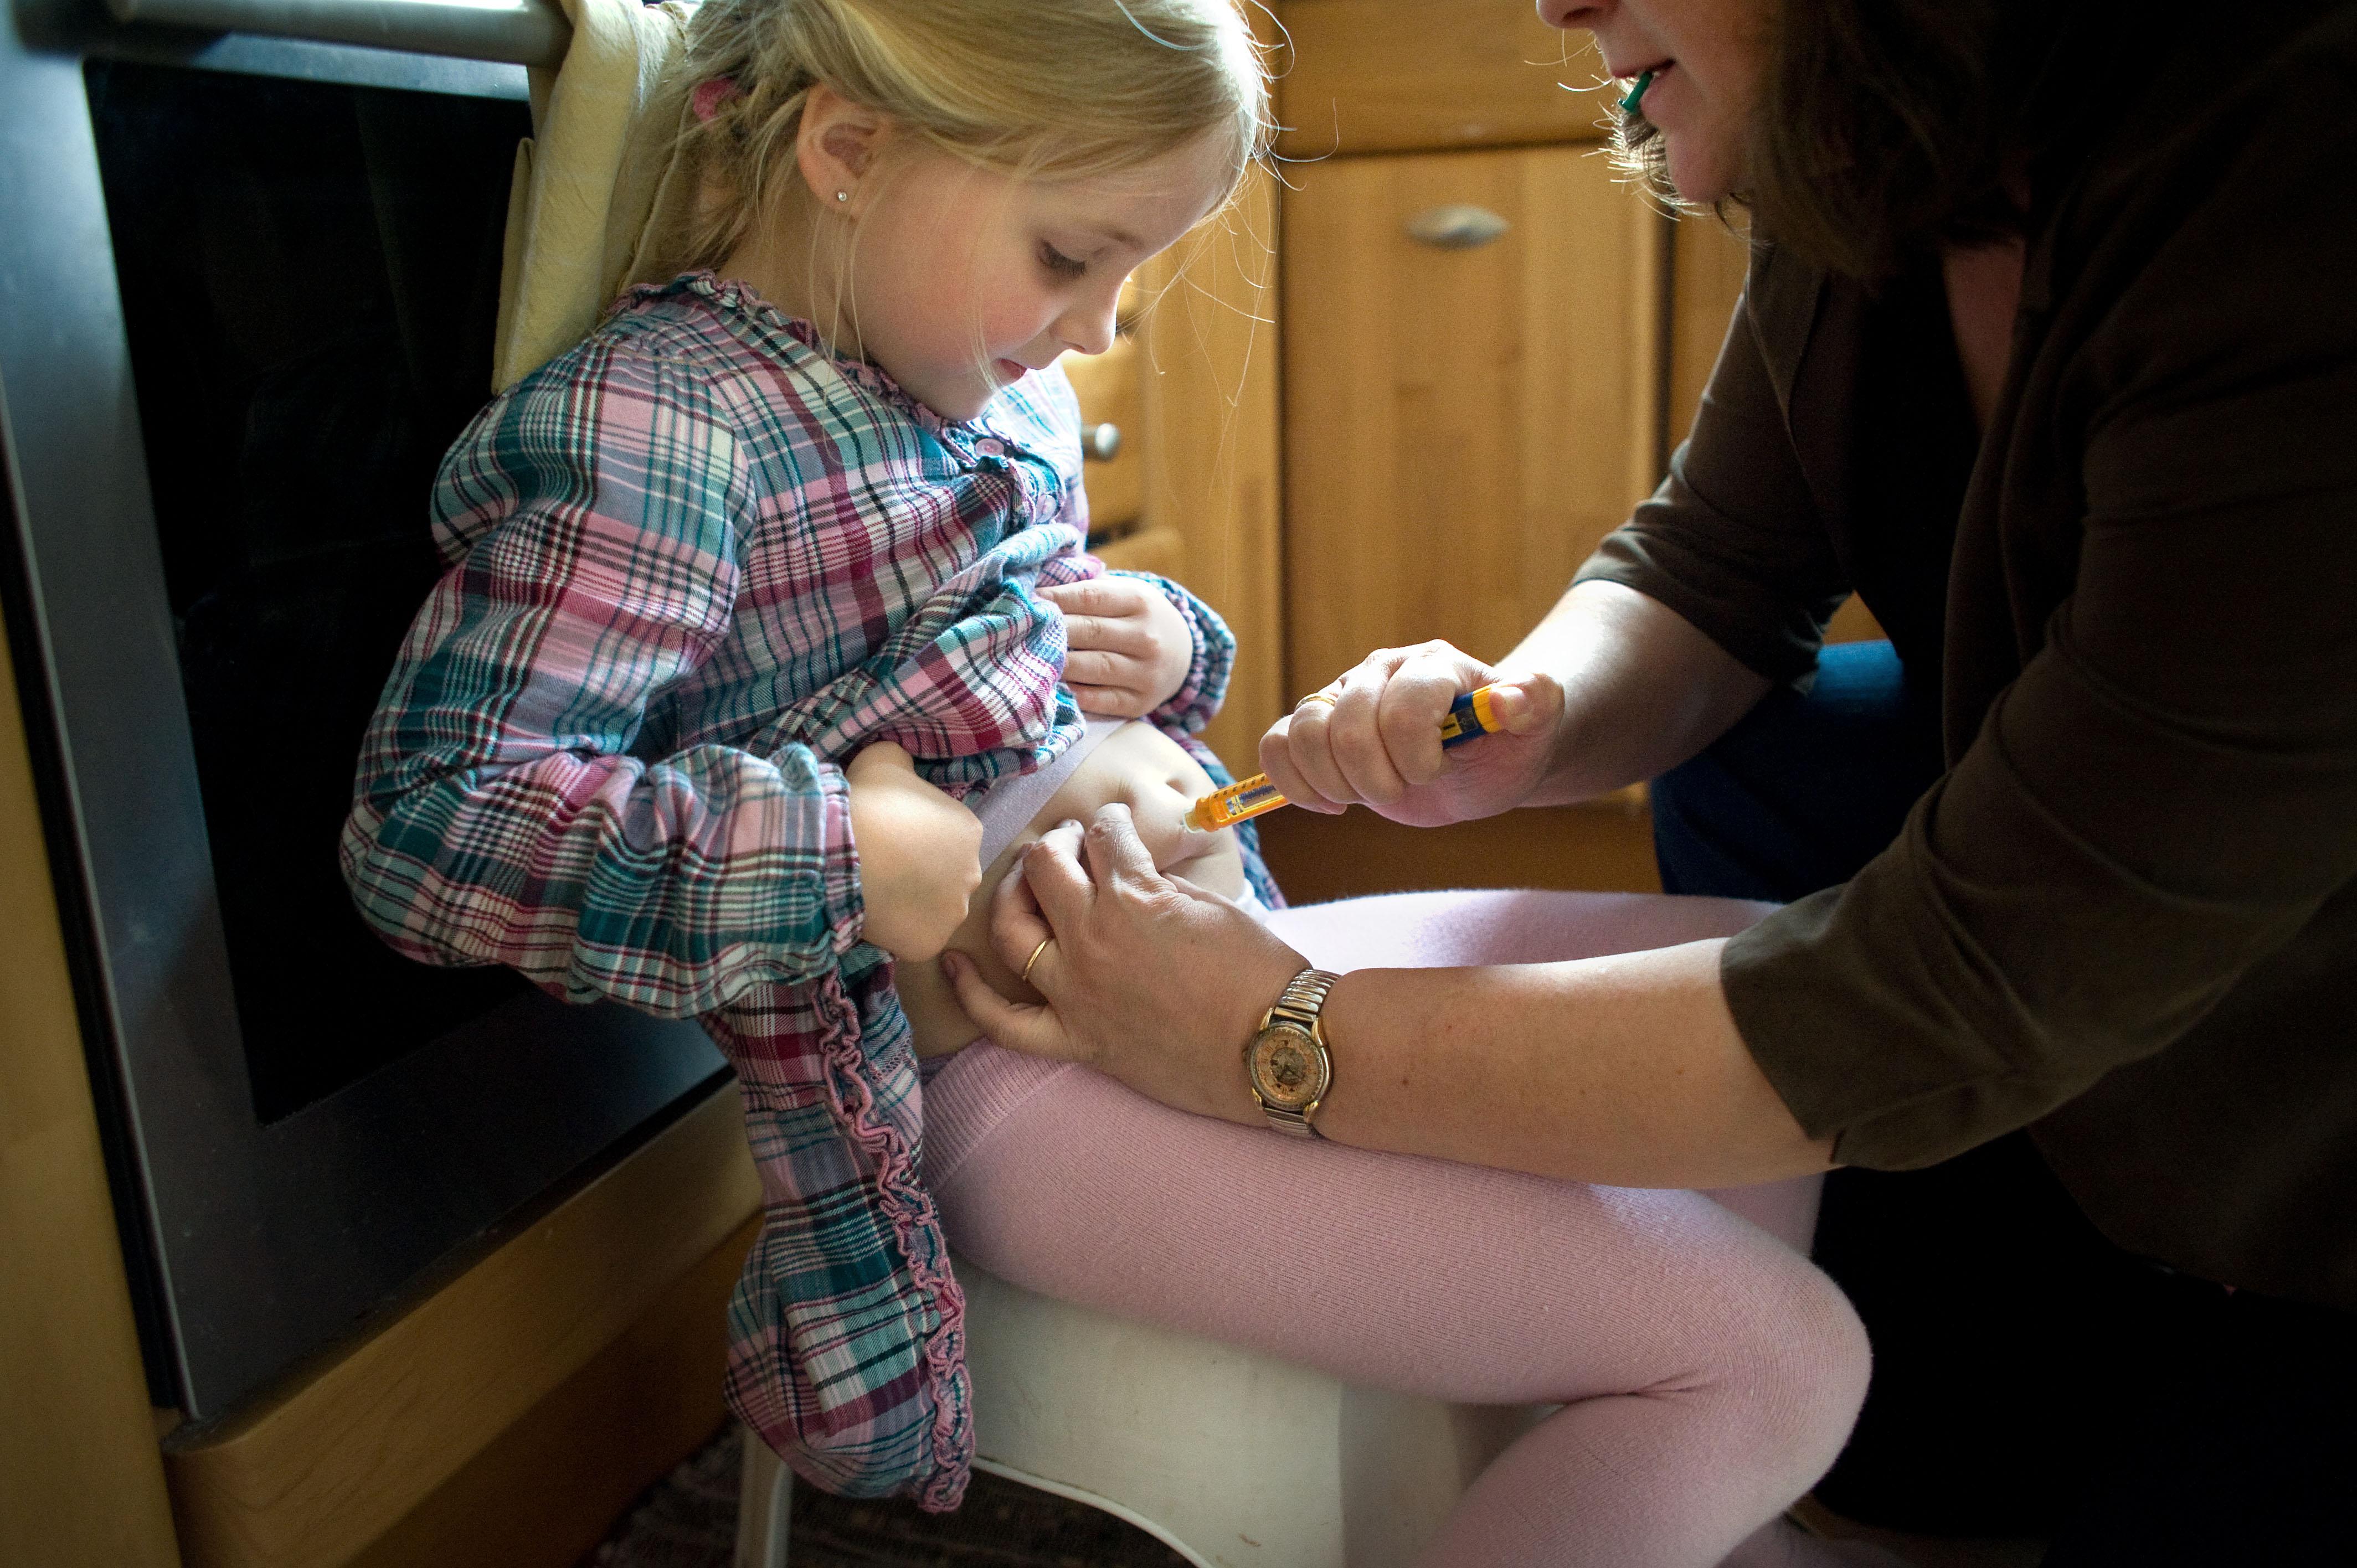 Das Leben mit einem Diabethikerwarnhund. Luisa hat Diabetes. Um mit der Krankheit besser leben zu können bekam sie von ihren Eltern einen Diabethikerwarnhund. Der Hund erkennt schon am Atemgeruch wenn der Blutzuckerspiegel sinkt. Ohne ihn müsste alle 10 Minuten gemessen werden. Die Mutter verabreicht Luisa mit einem Pen eine der 5 täglichen Insulininjektionen in ihrem Bauch in der Küche.